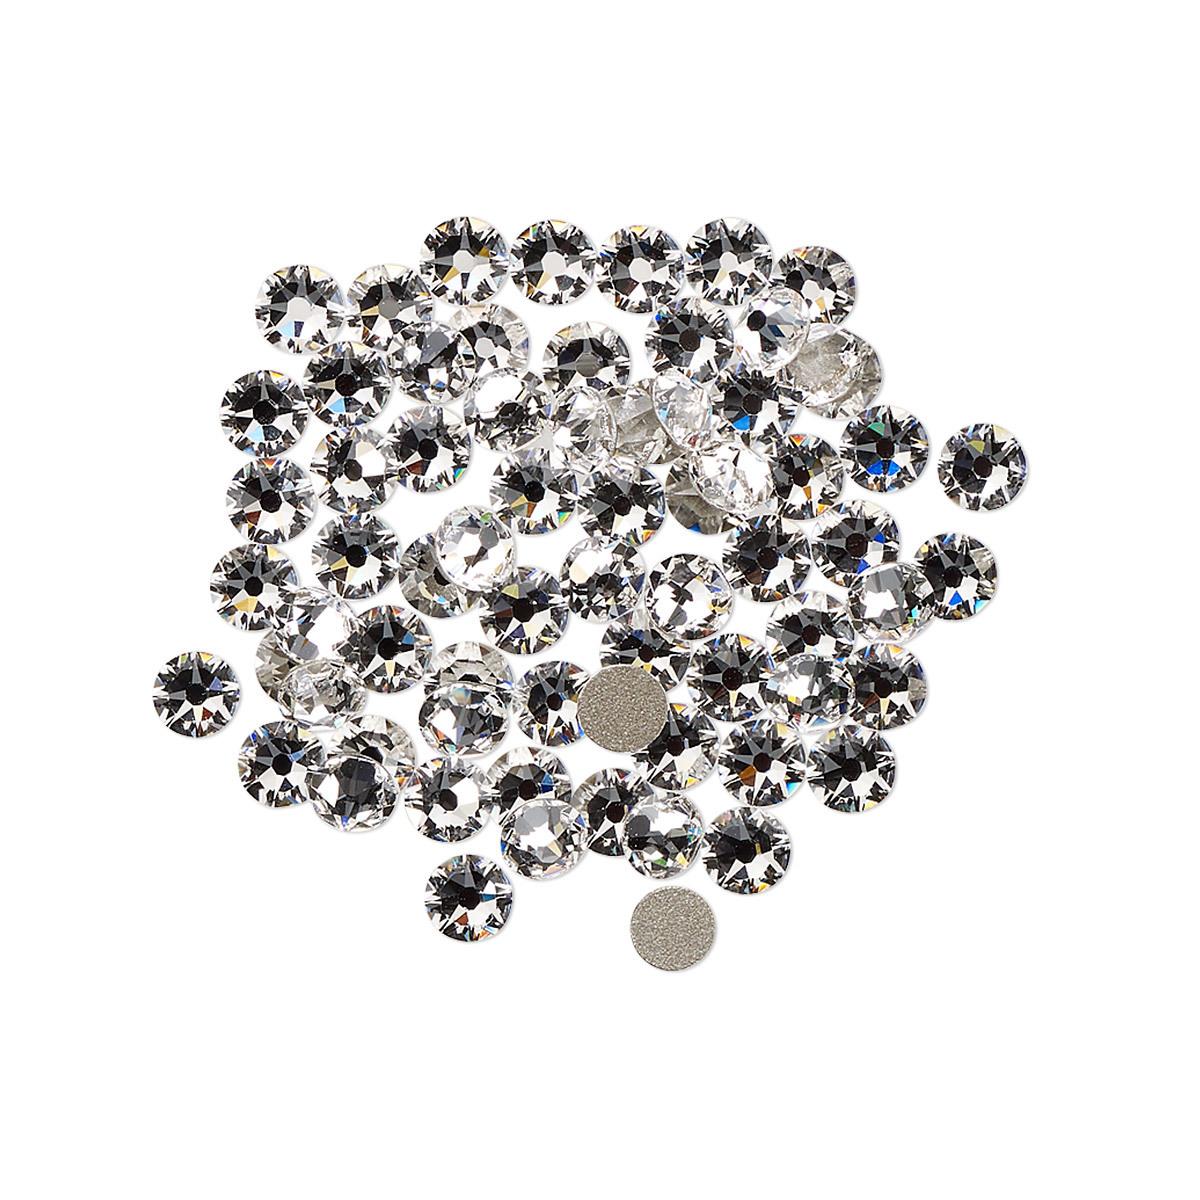 Стразы Стразы Swarovski SS8 (3,5 мм), серебро 50 шт Стразы_Swarovski_SS8__3_5_мм___серебро_50_шт_.jpg